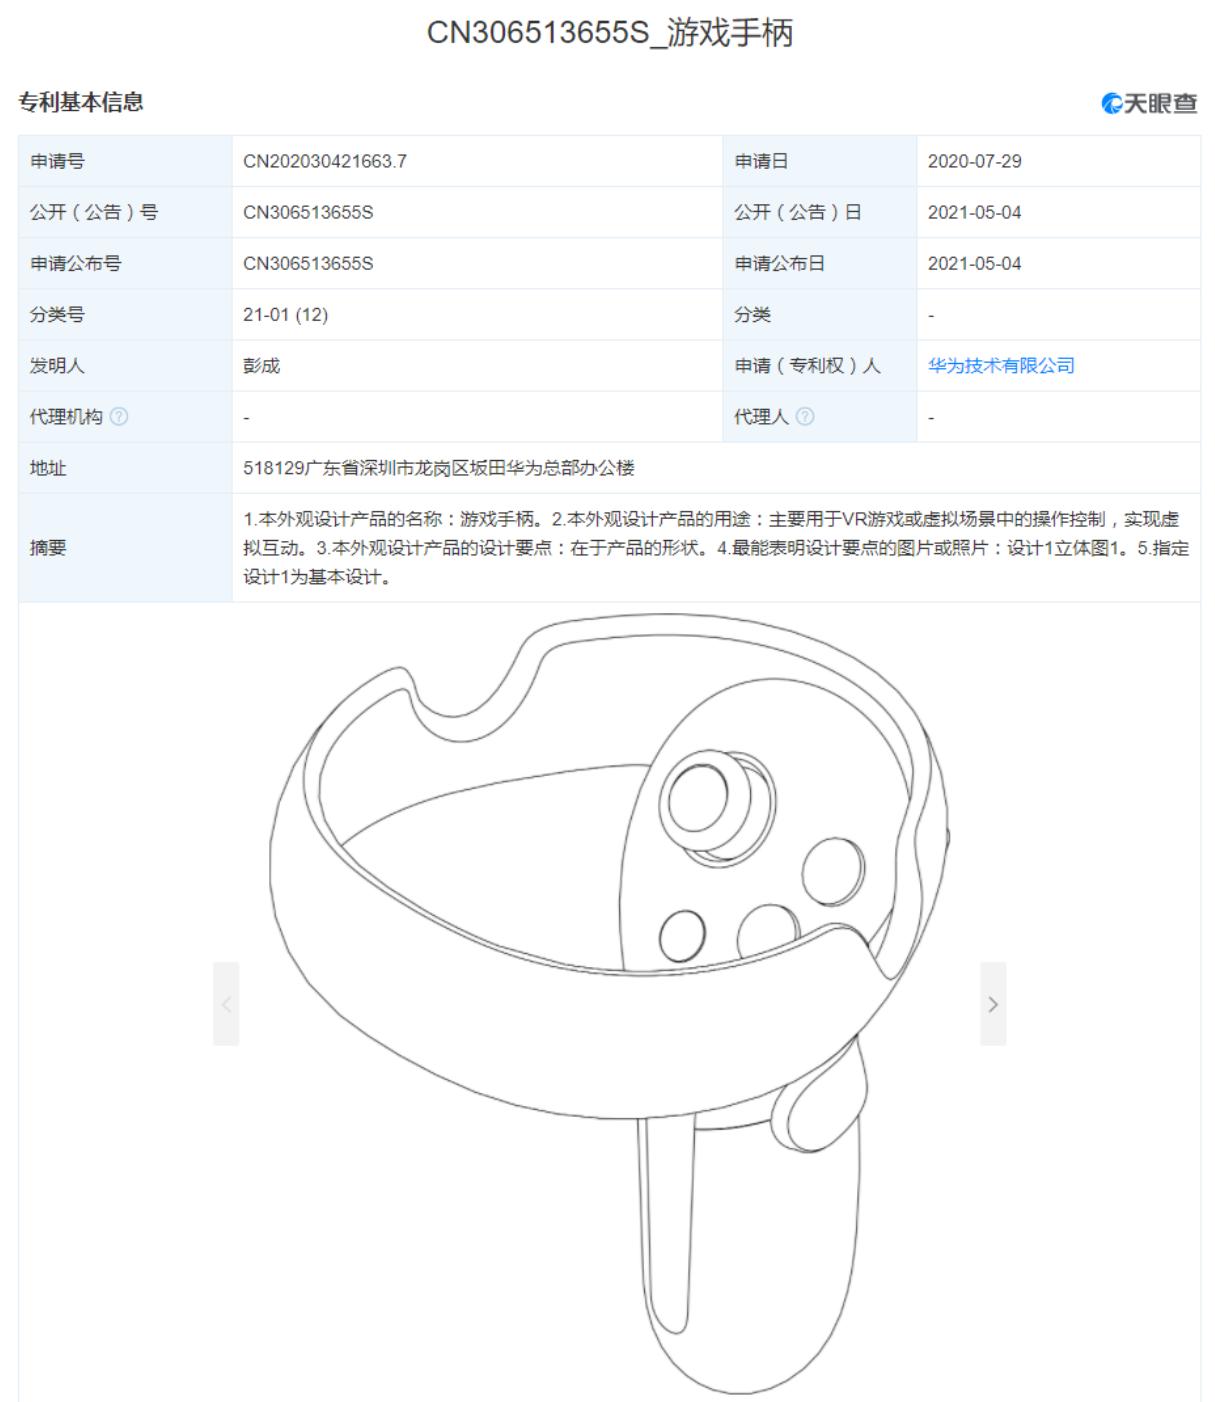 微信截图_20210506164305.png